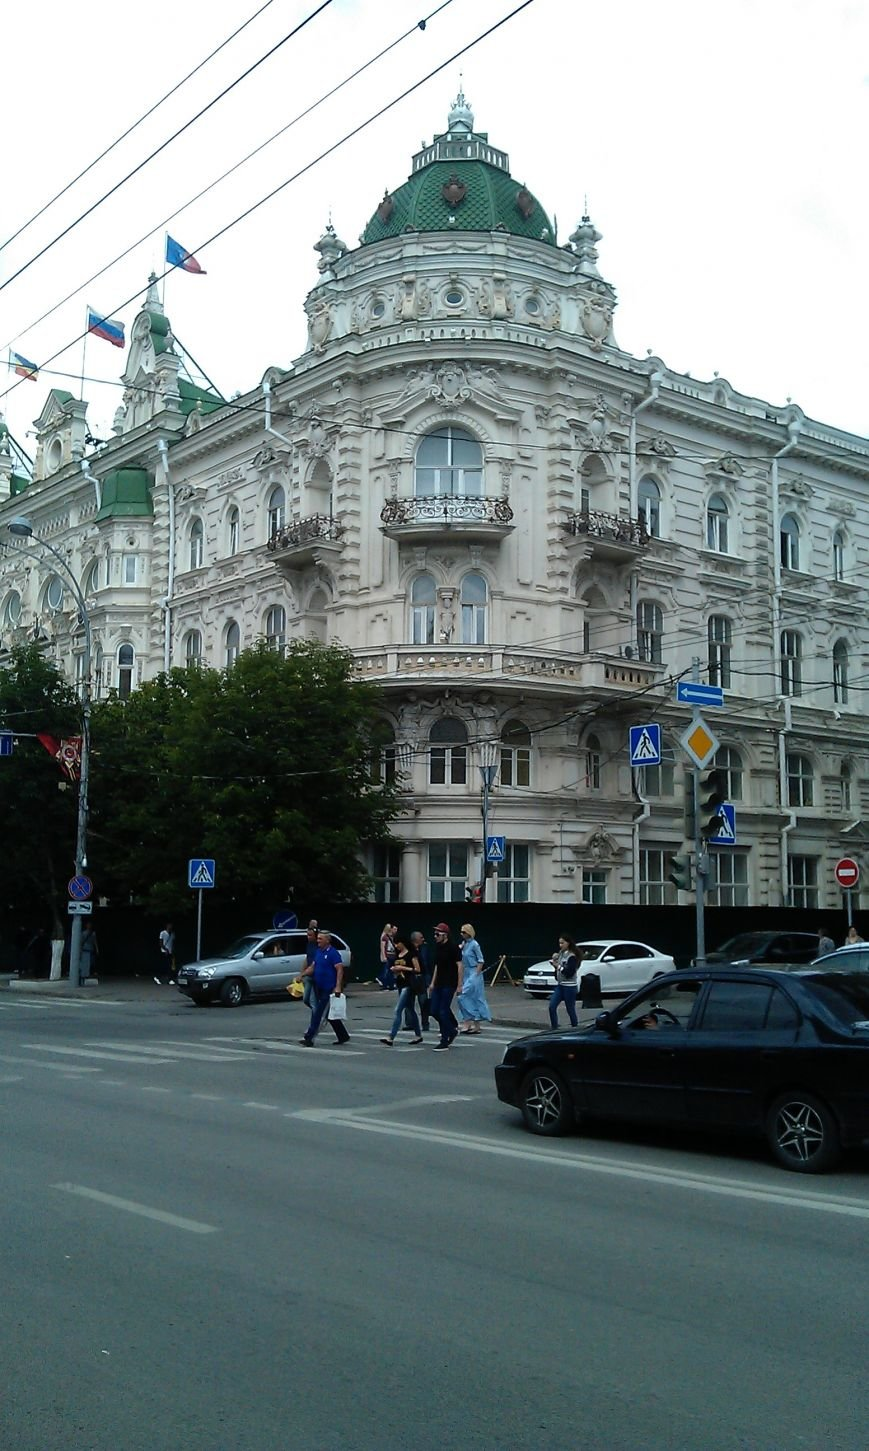 Власть за забором: здание мэрии Ростова оградили для реставрации фасадов, фото-2